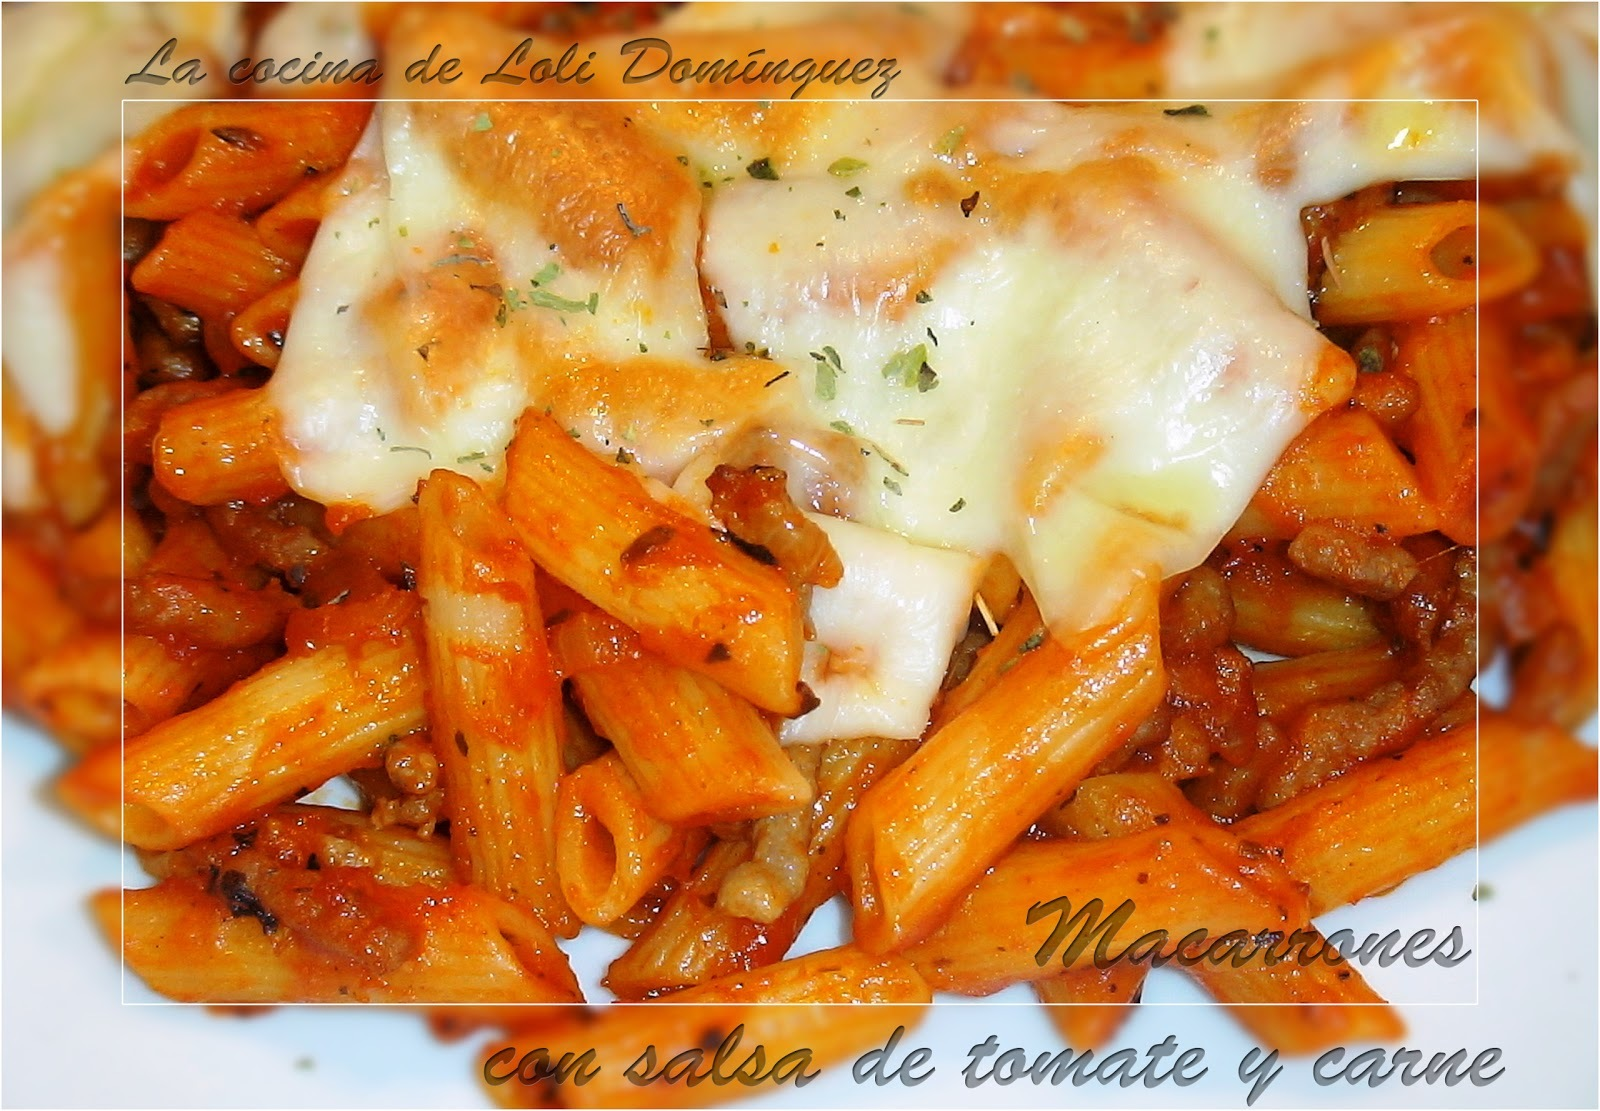 MacarronesCon salsa de tomate y carne